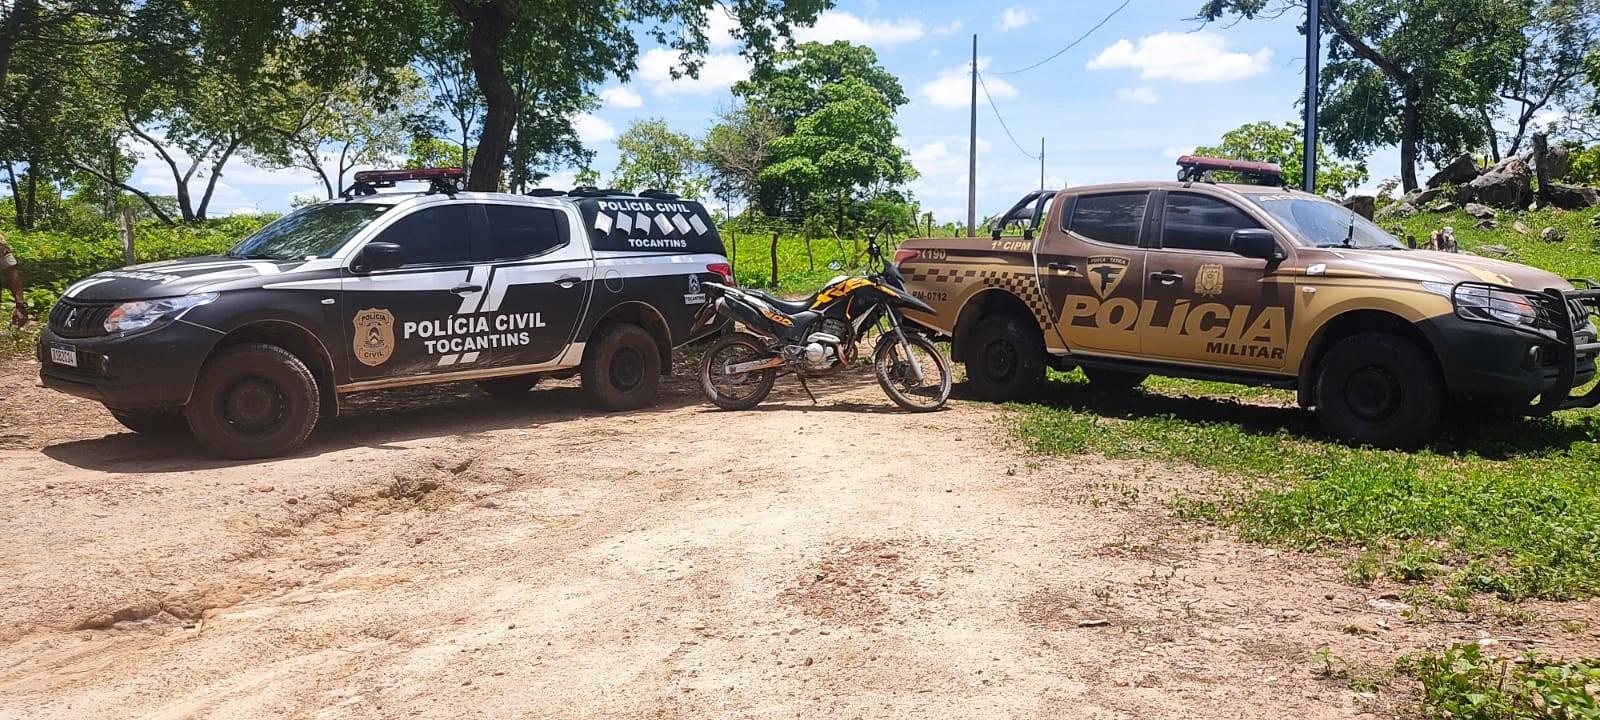 Polícia descobre esquema de venda de motos adulteradas no interior do Tocantins